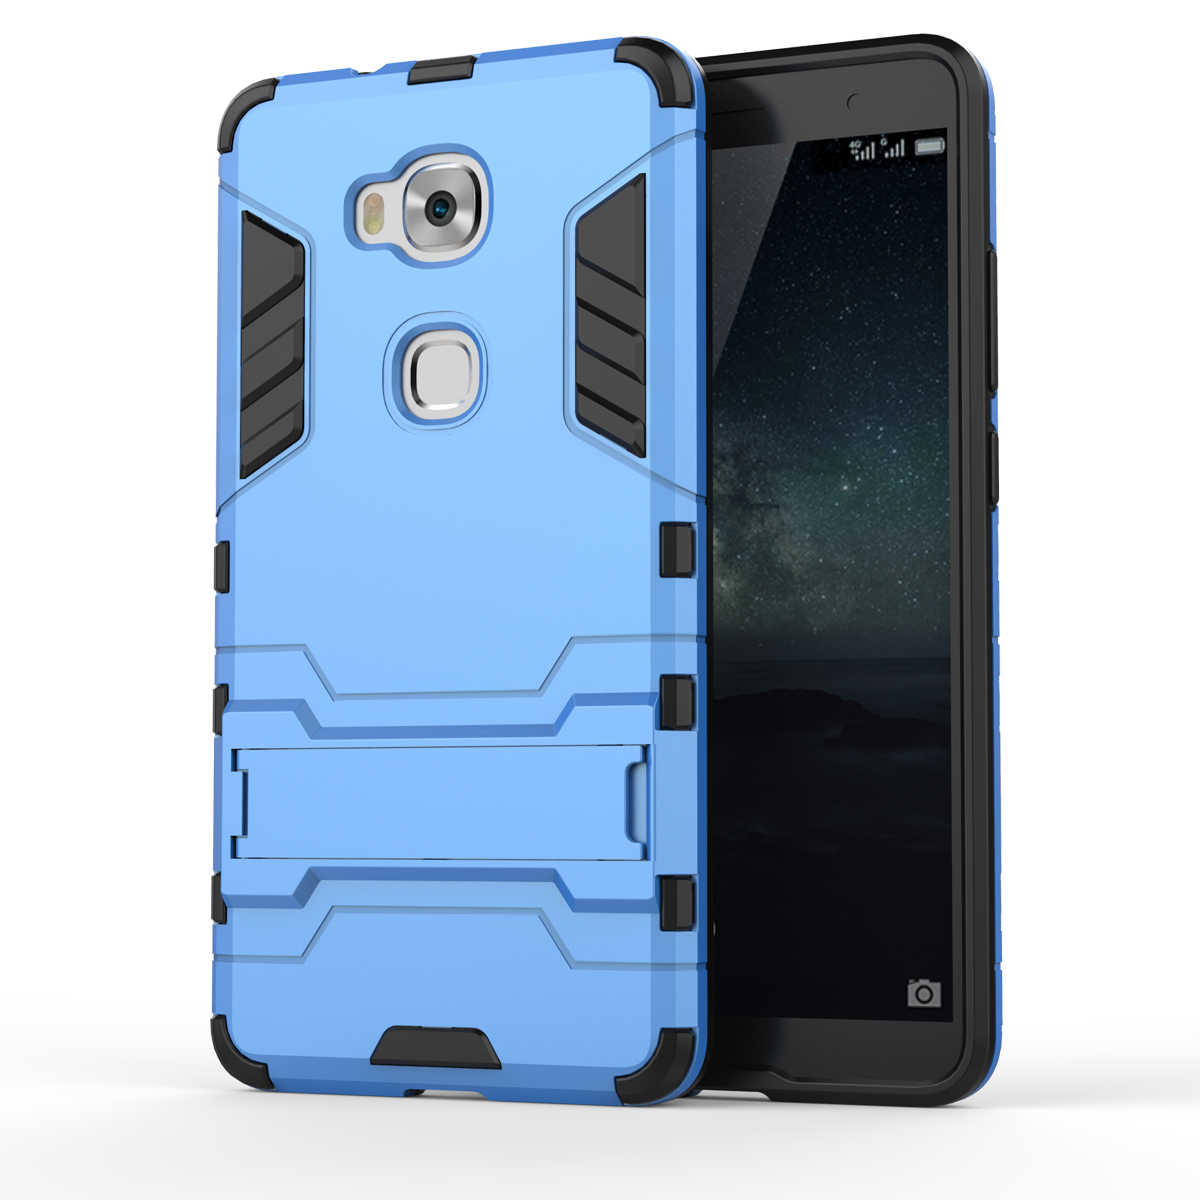 Armatura Per Il Caso di Huawei Honor 5X Heavy Duty Hybrid Caso Della Copertura Del Telefono Dura Molle Robusta Gomma di Silicone Coque con il Basamento funzione (<